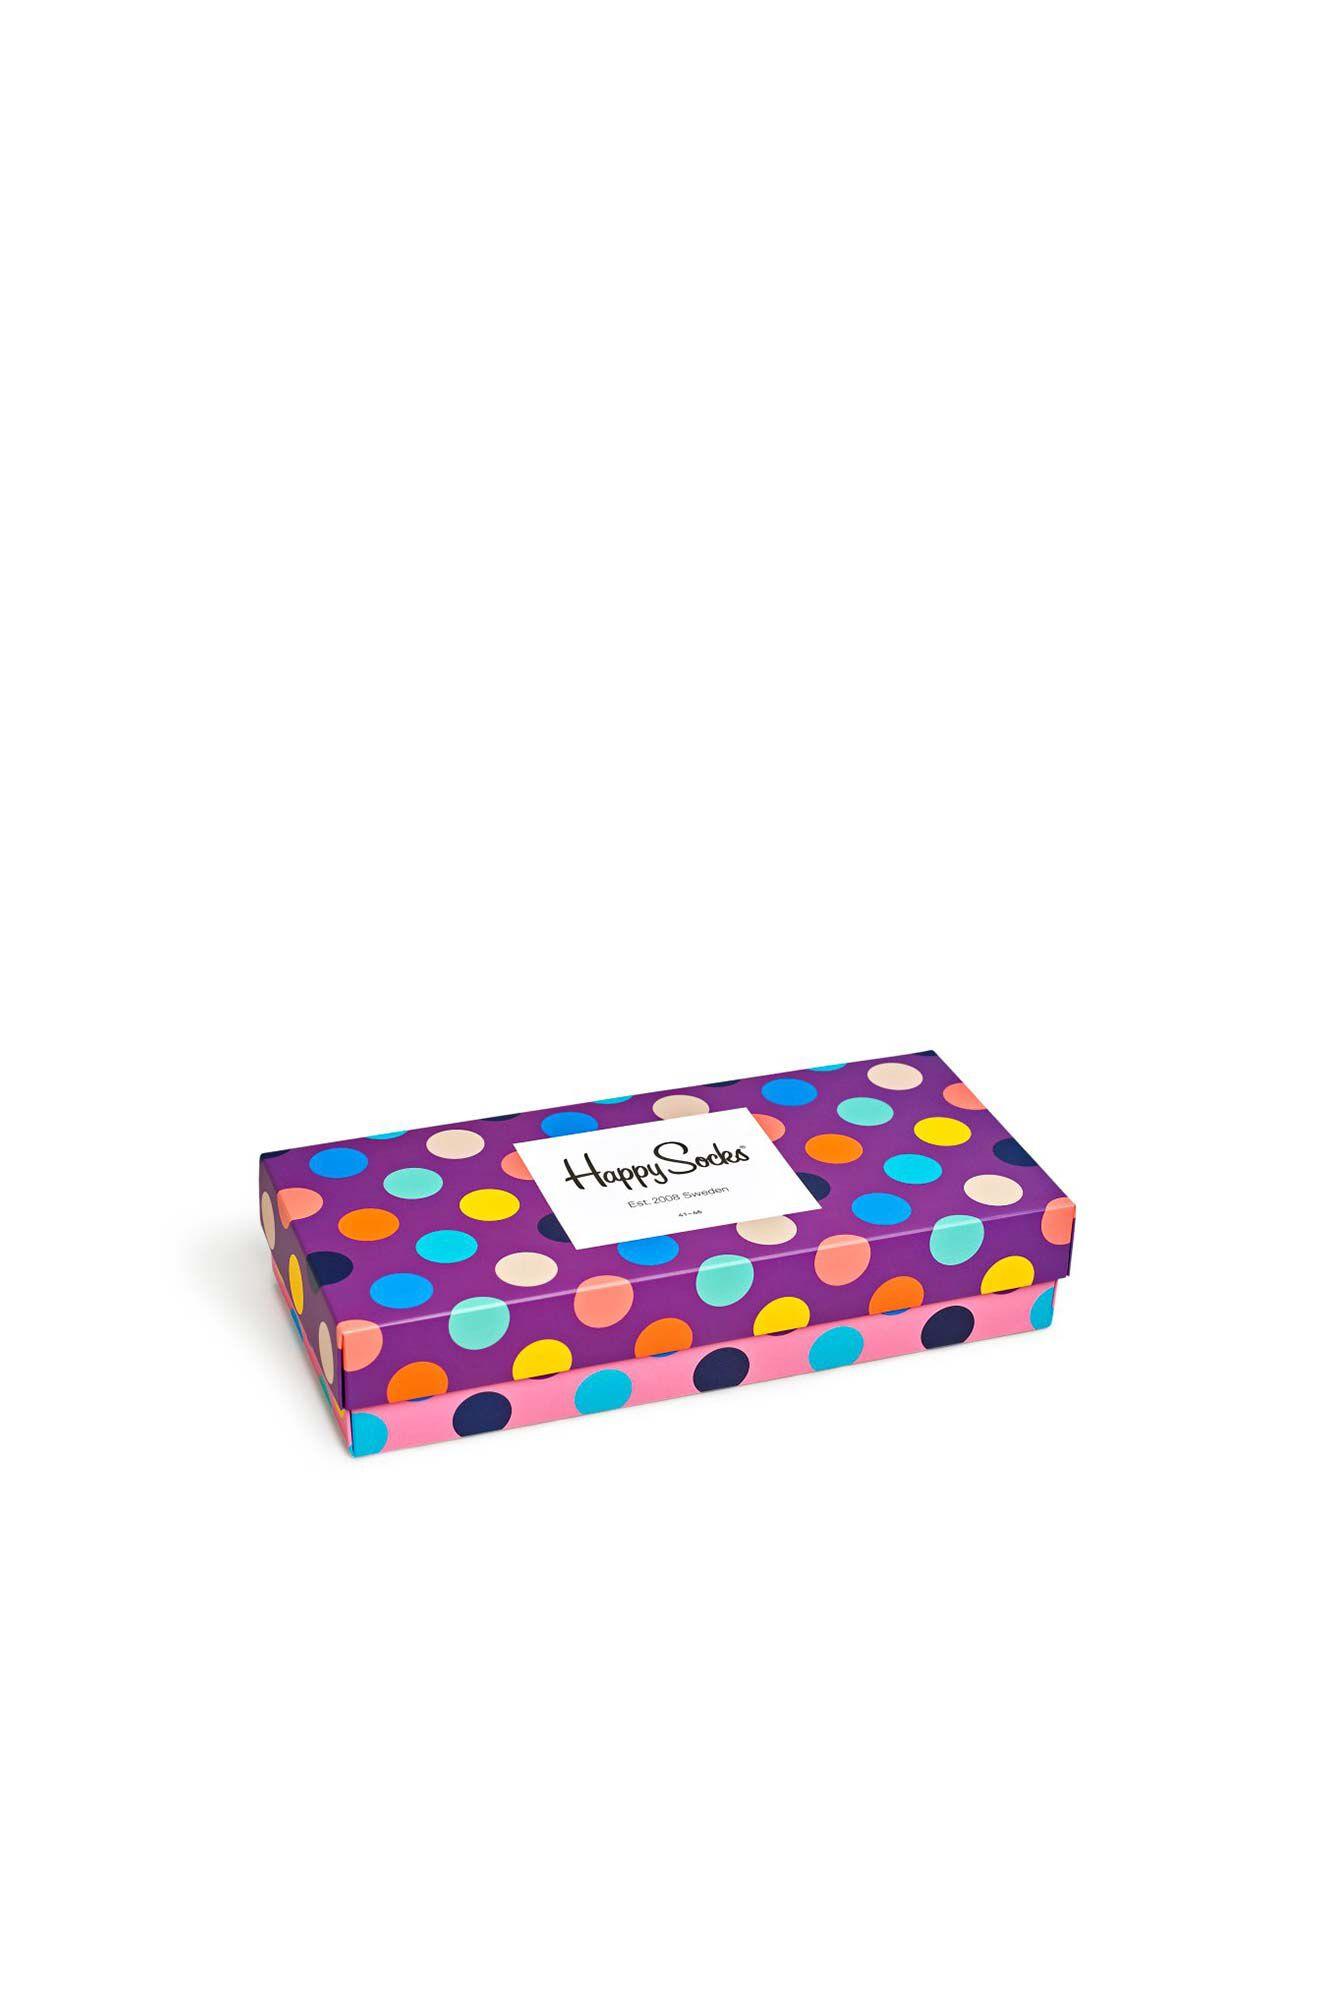 Dot gift box XBDO09, 100